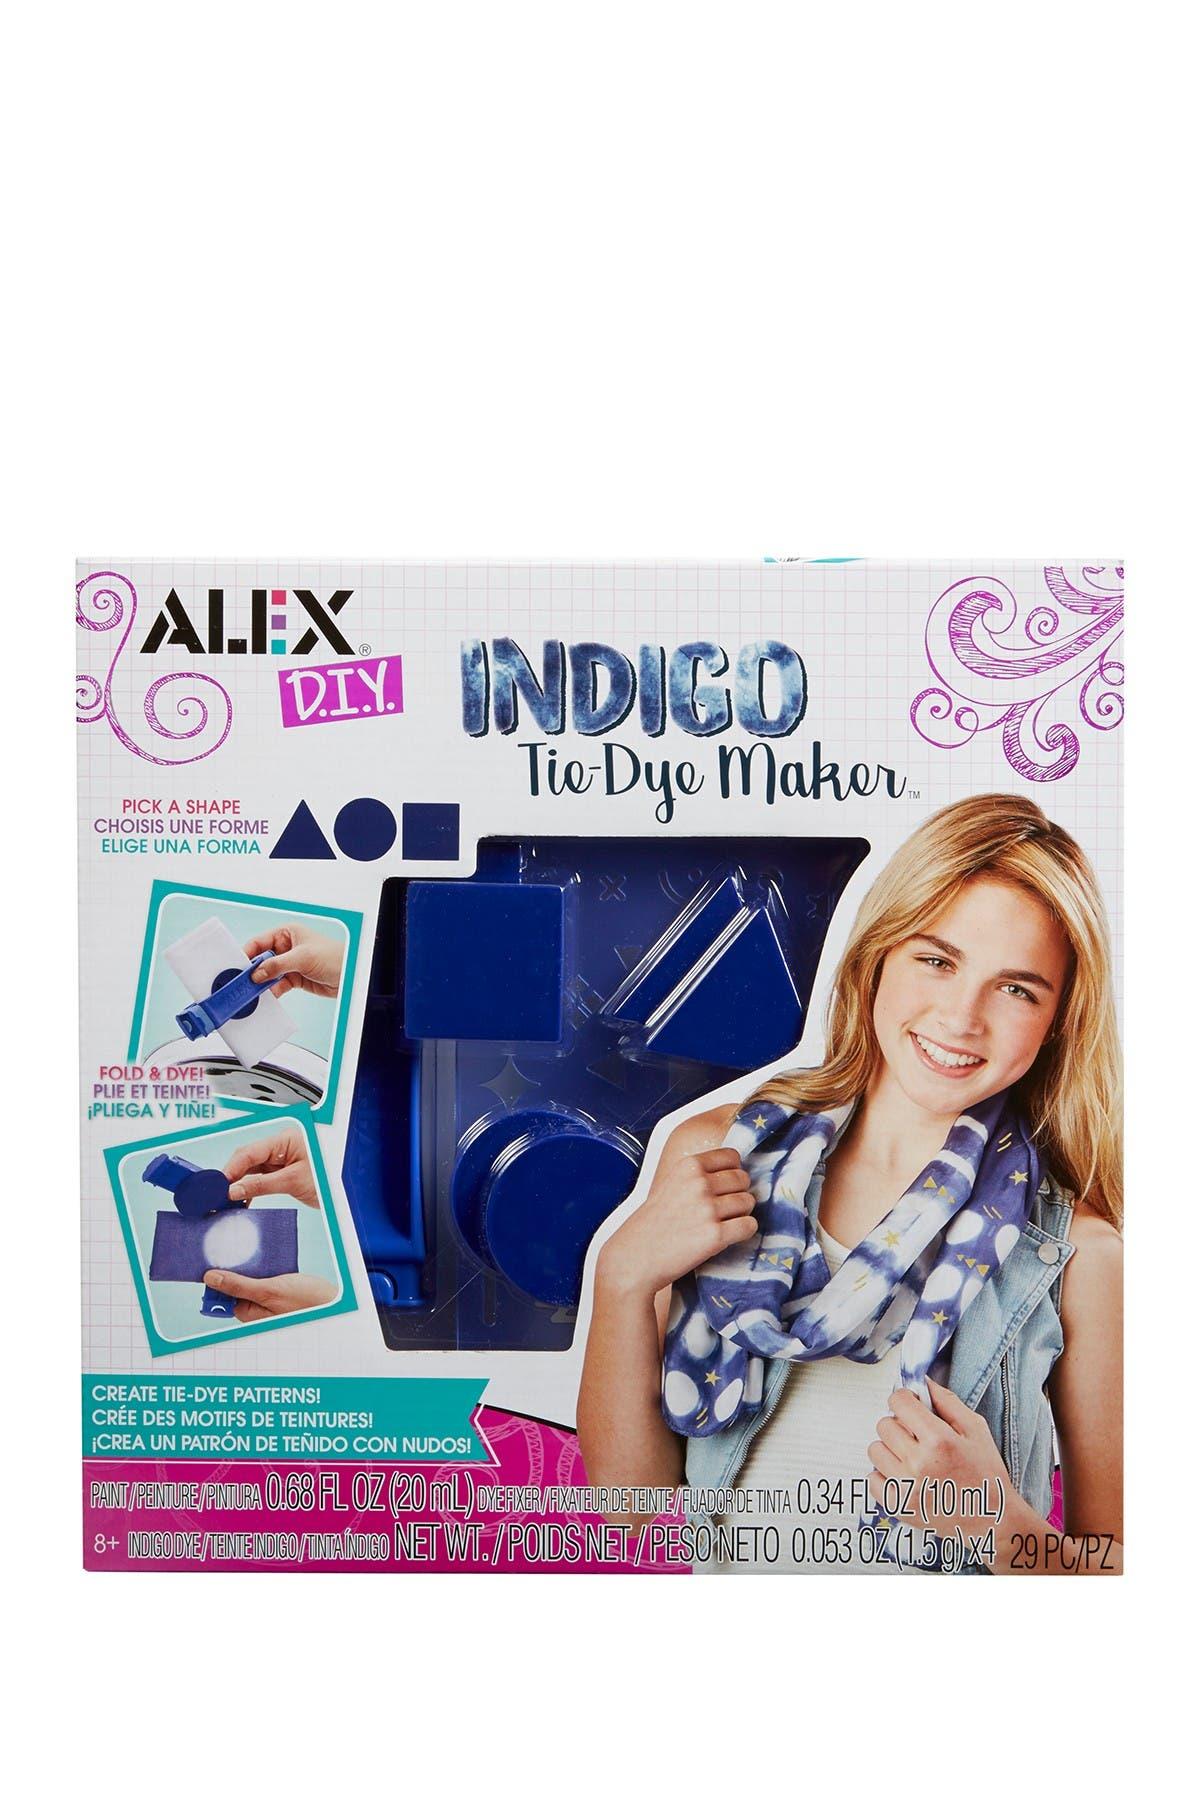 Image of Alex Toys DIY Indigo Tie Dye Maker